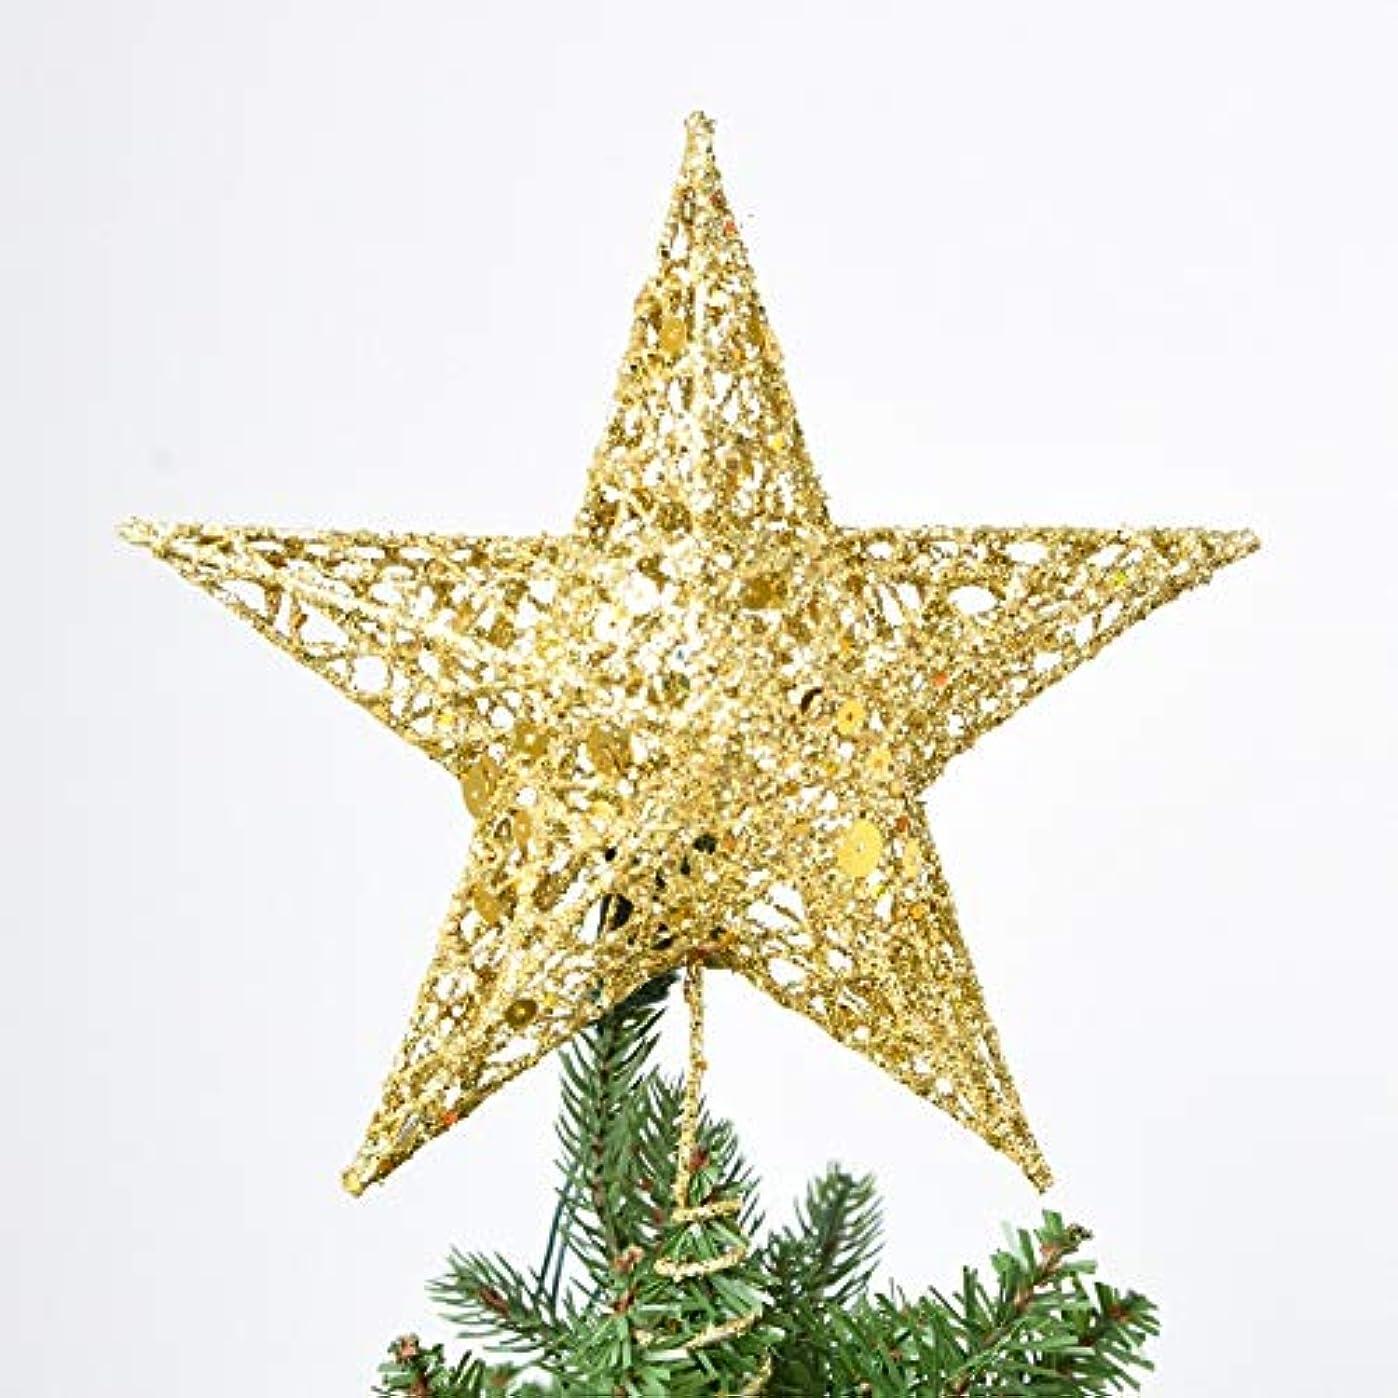 区別中級ストリップLabos かわいい輝く鉄スタークリスマスツリーの最上部の装飾、サイズ:20センチメートルのx 15センチメートル、ランダム配信